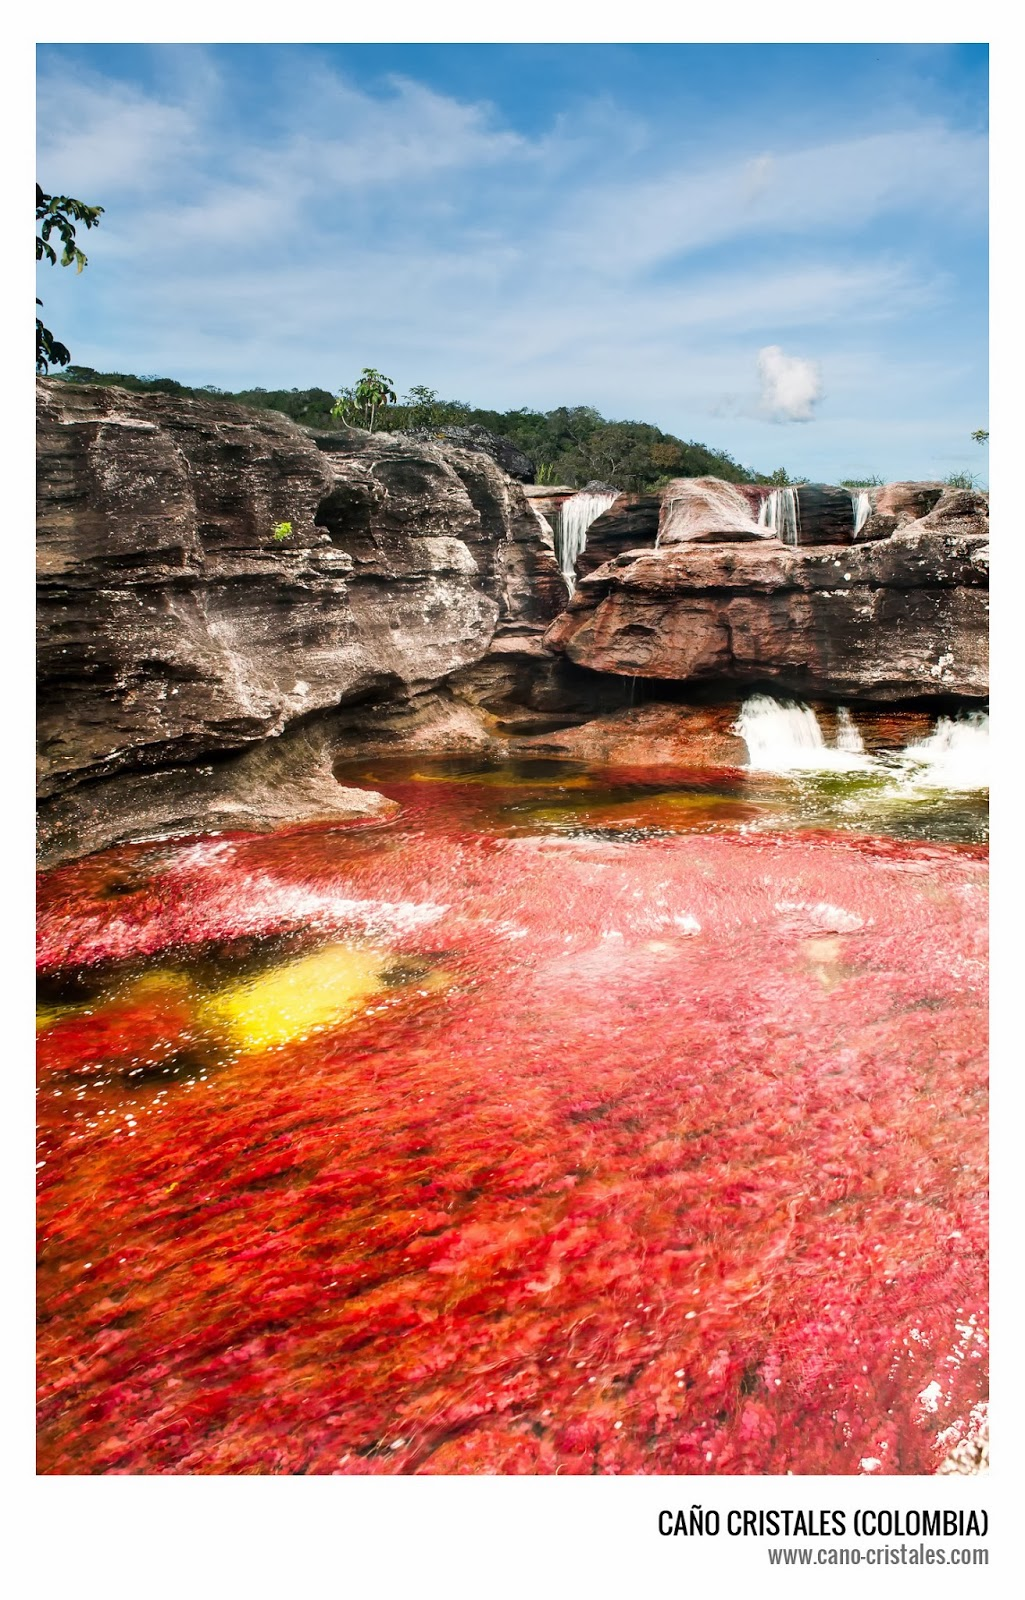 Caño Cristales, impresionante río en Colombia